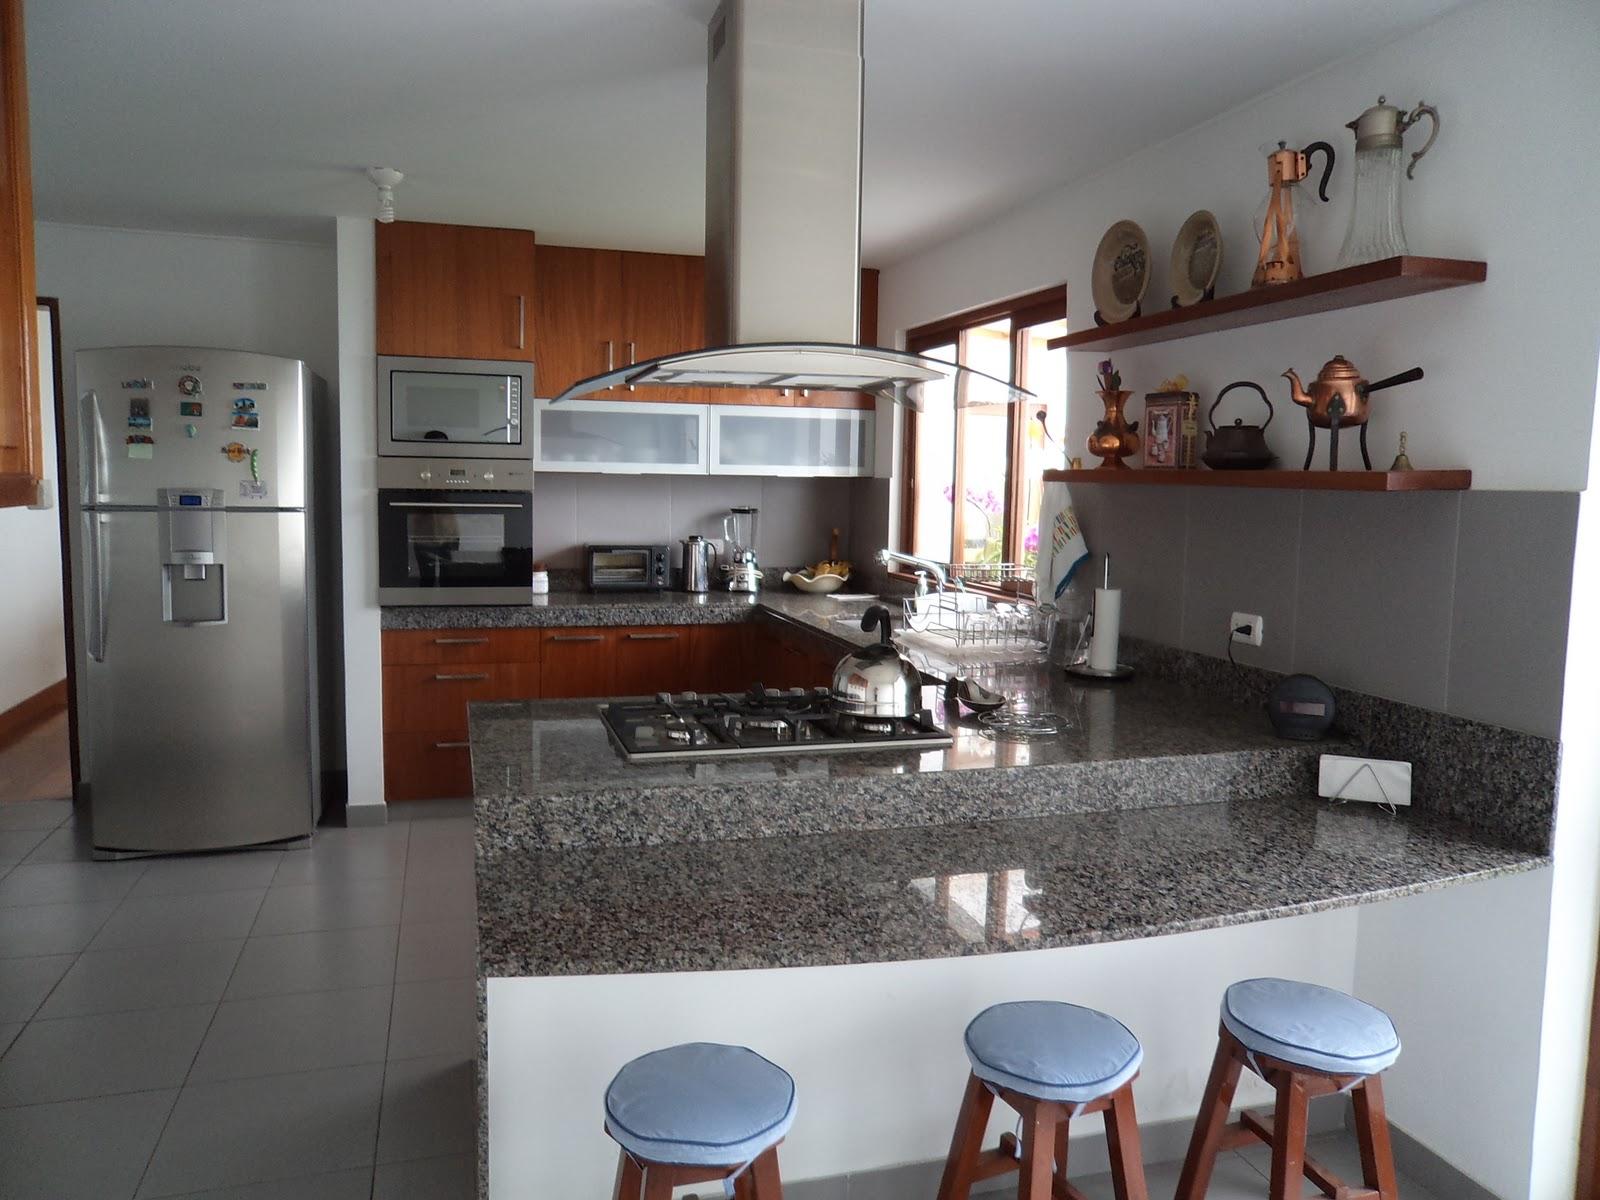 oniria antes y despu s remodelacion de cocina